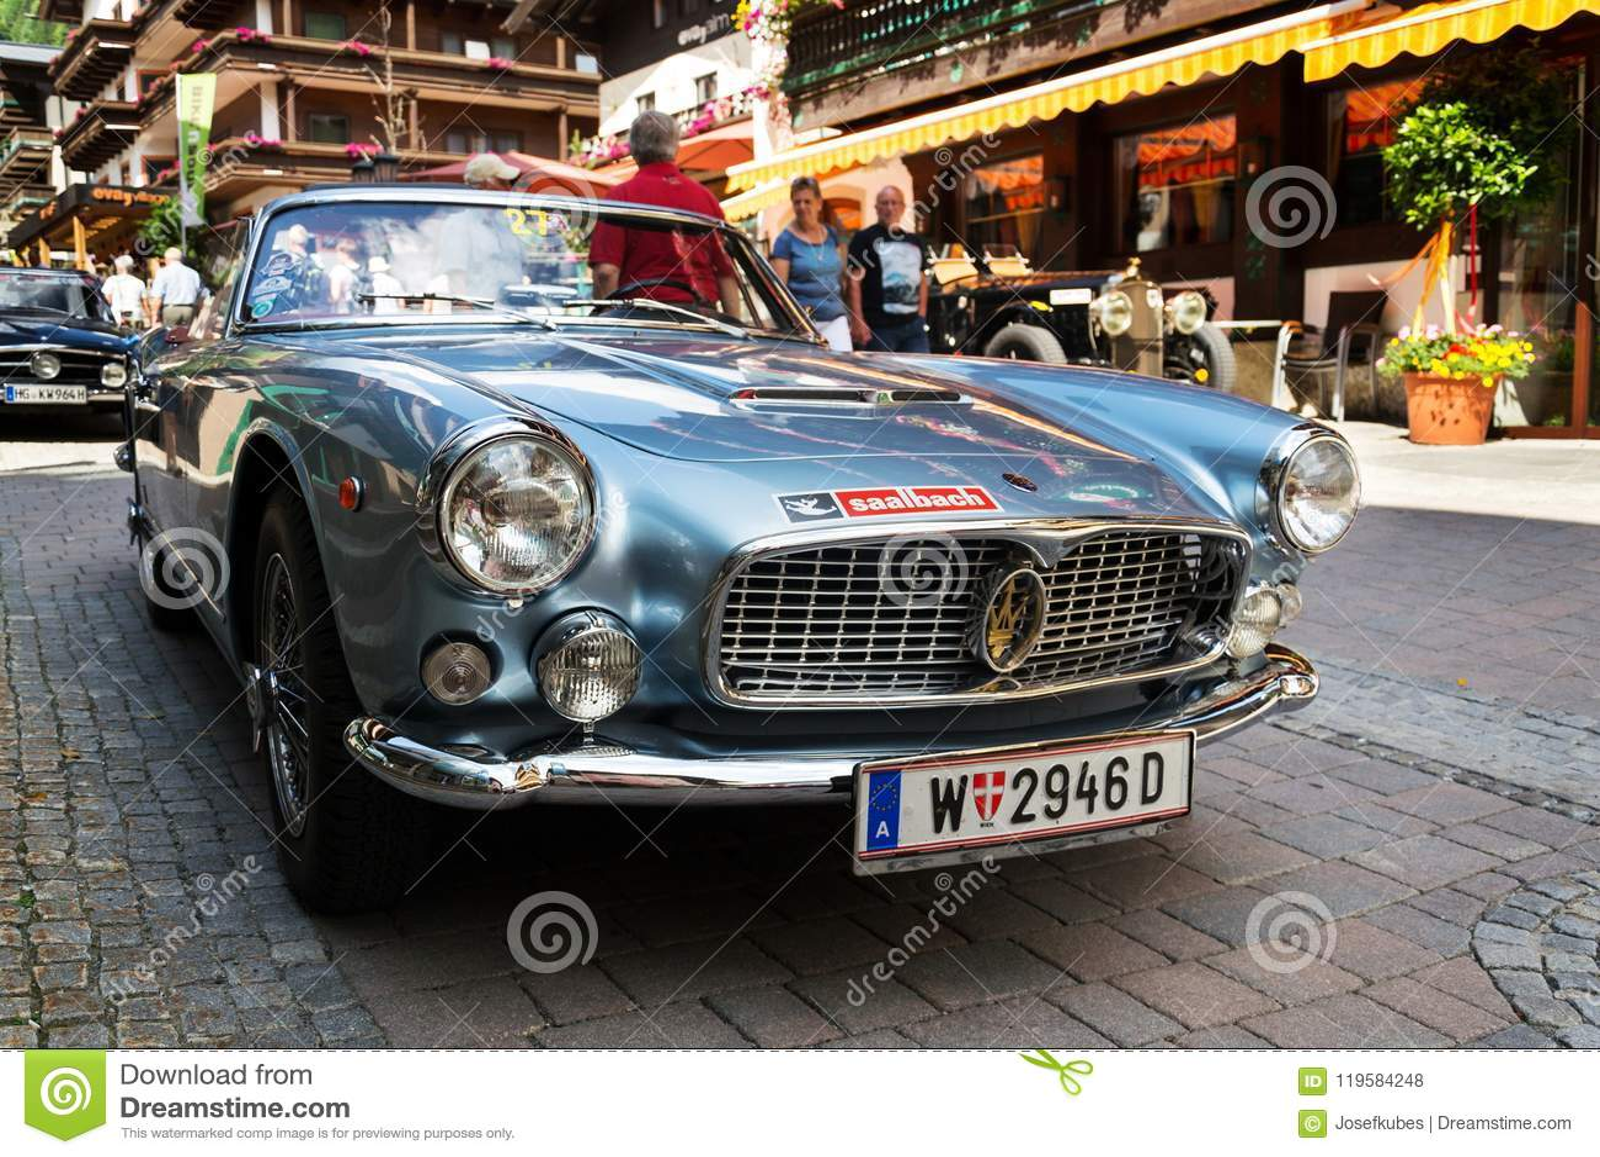 Maserati 3500 GT Oldsmobile Vintage Veteran Car Editorial Stock ...